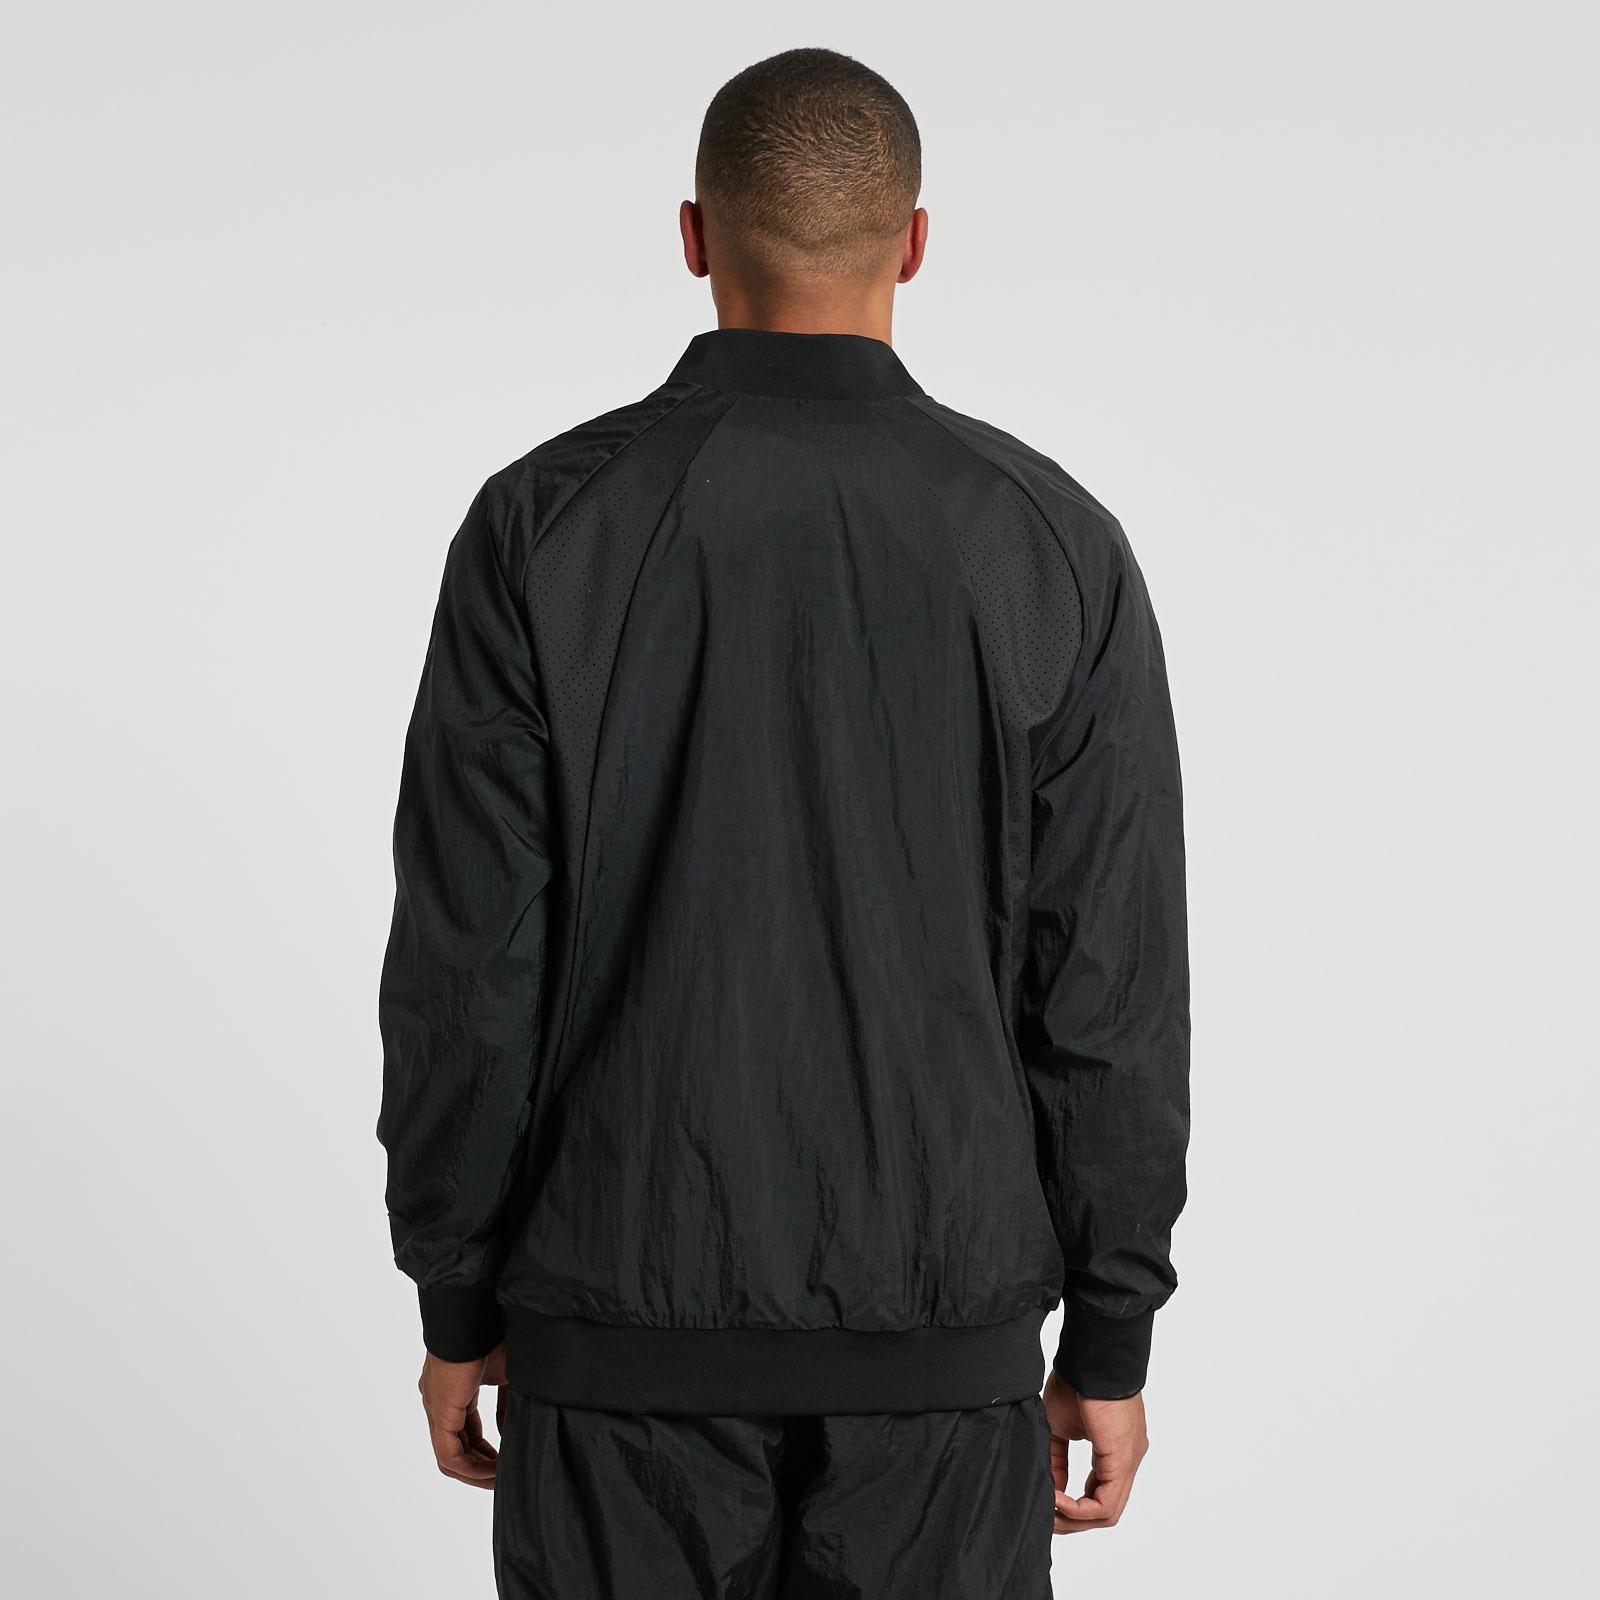 Jordan Brand Jsw Wings Muscle Jacket 843100 010